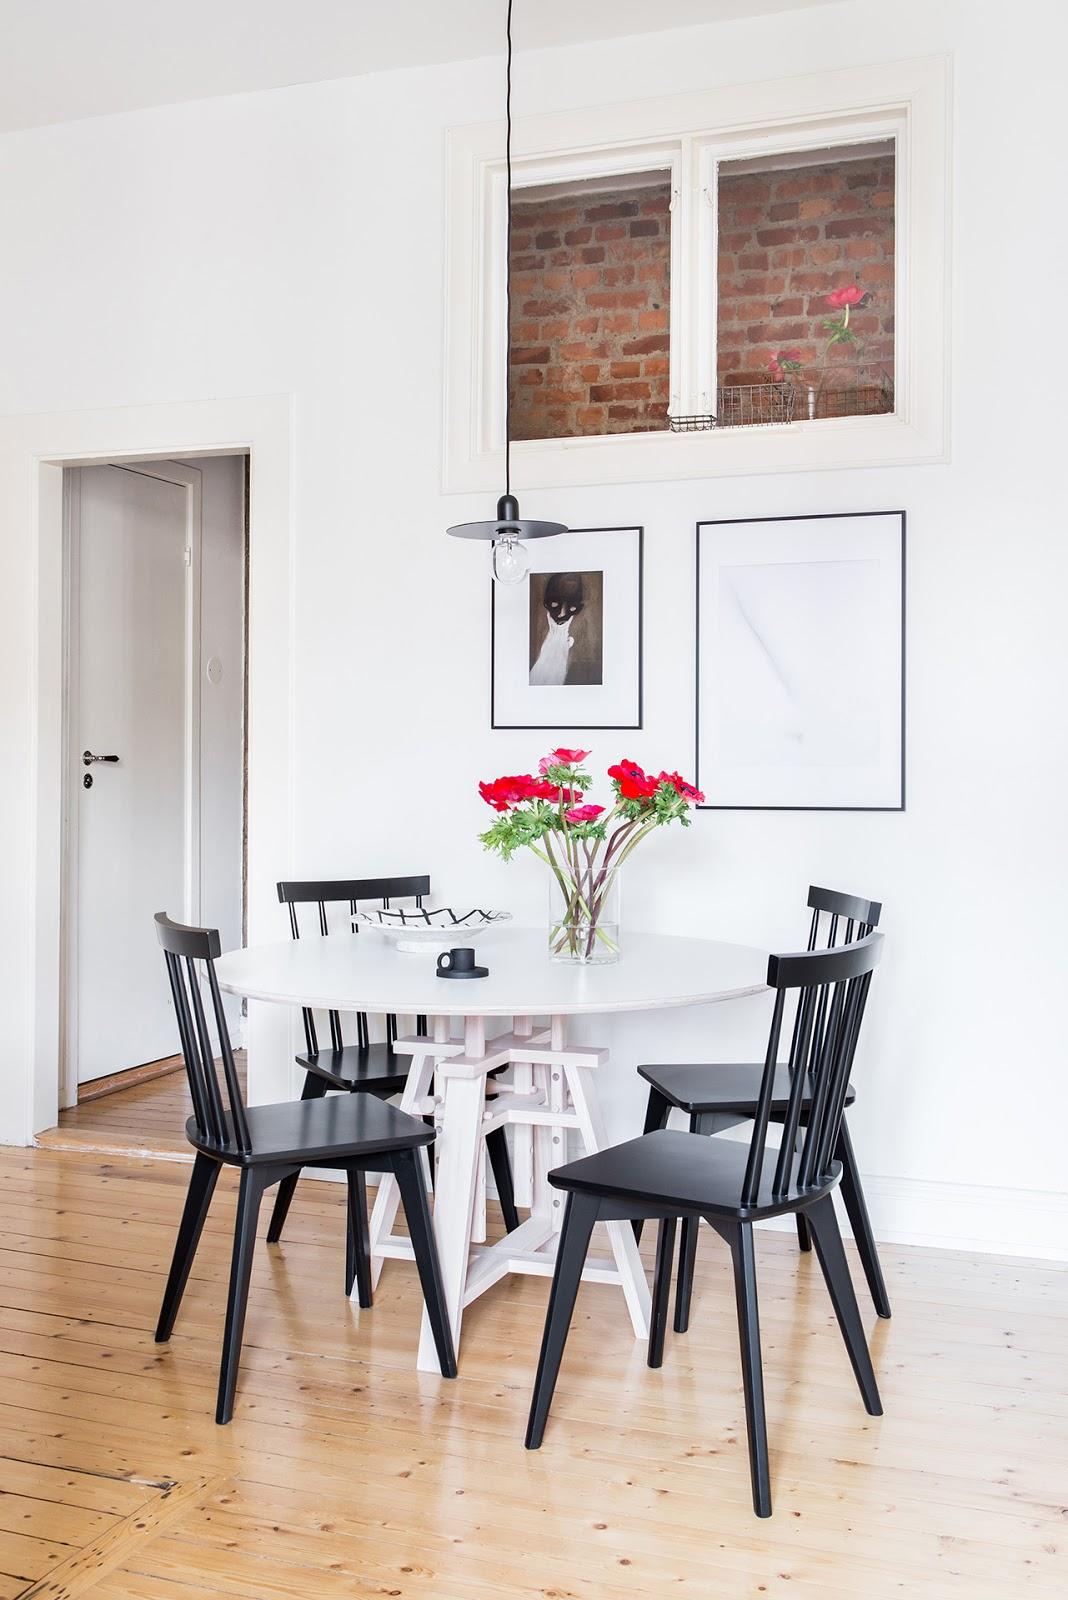 comedor, blanco, estilo nordico, suelo natural, madera natural, interiorismo, decoracion nordica,